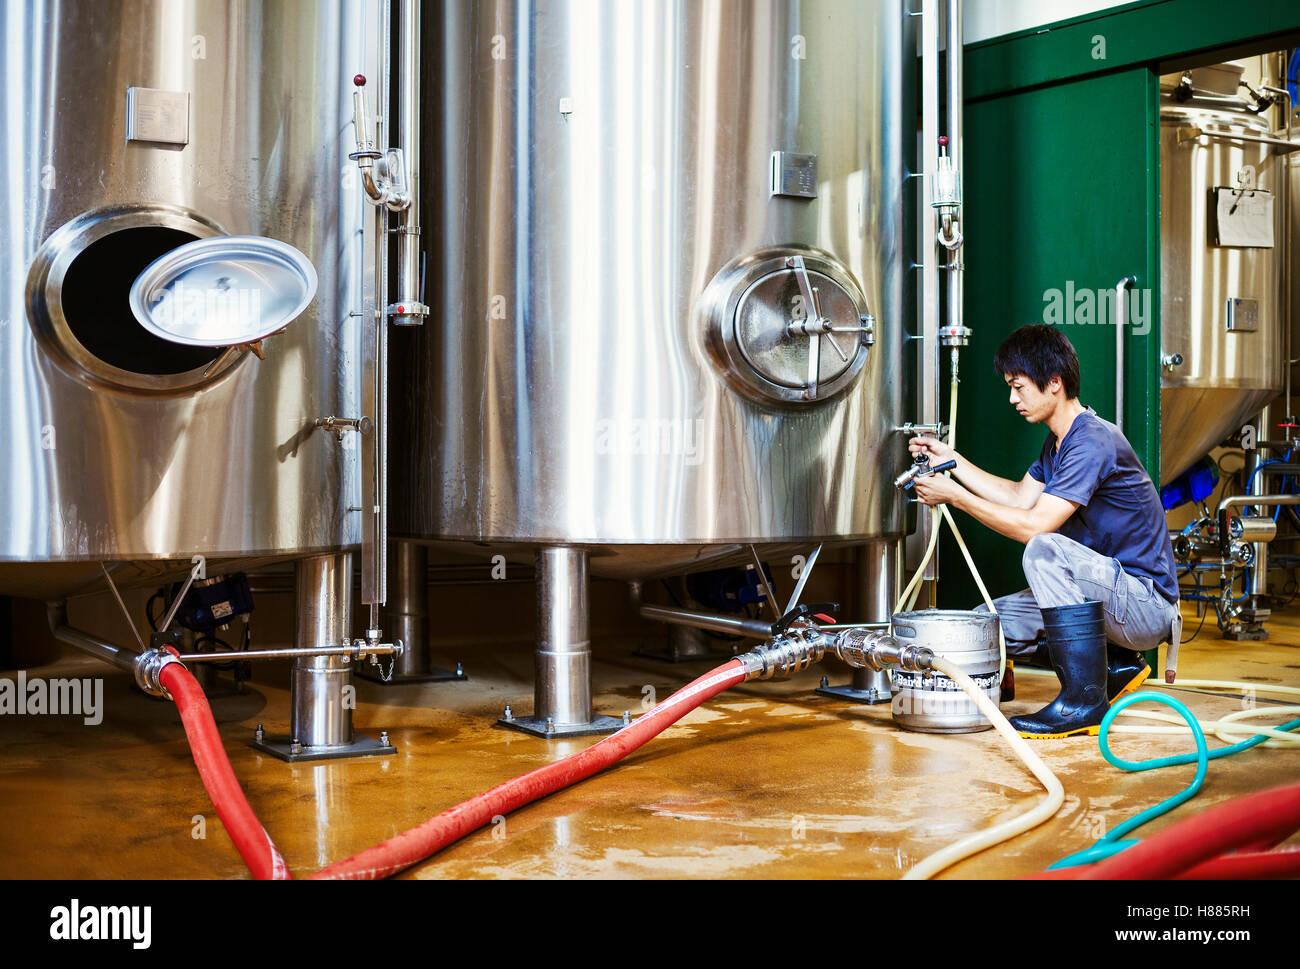 Mann arbeitet in einer Brauerei, kniet neben einem Metall Bier-Tank. Stockbild